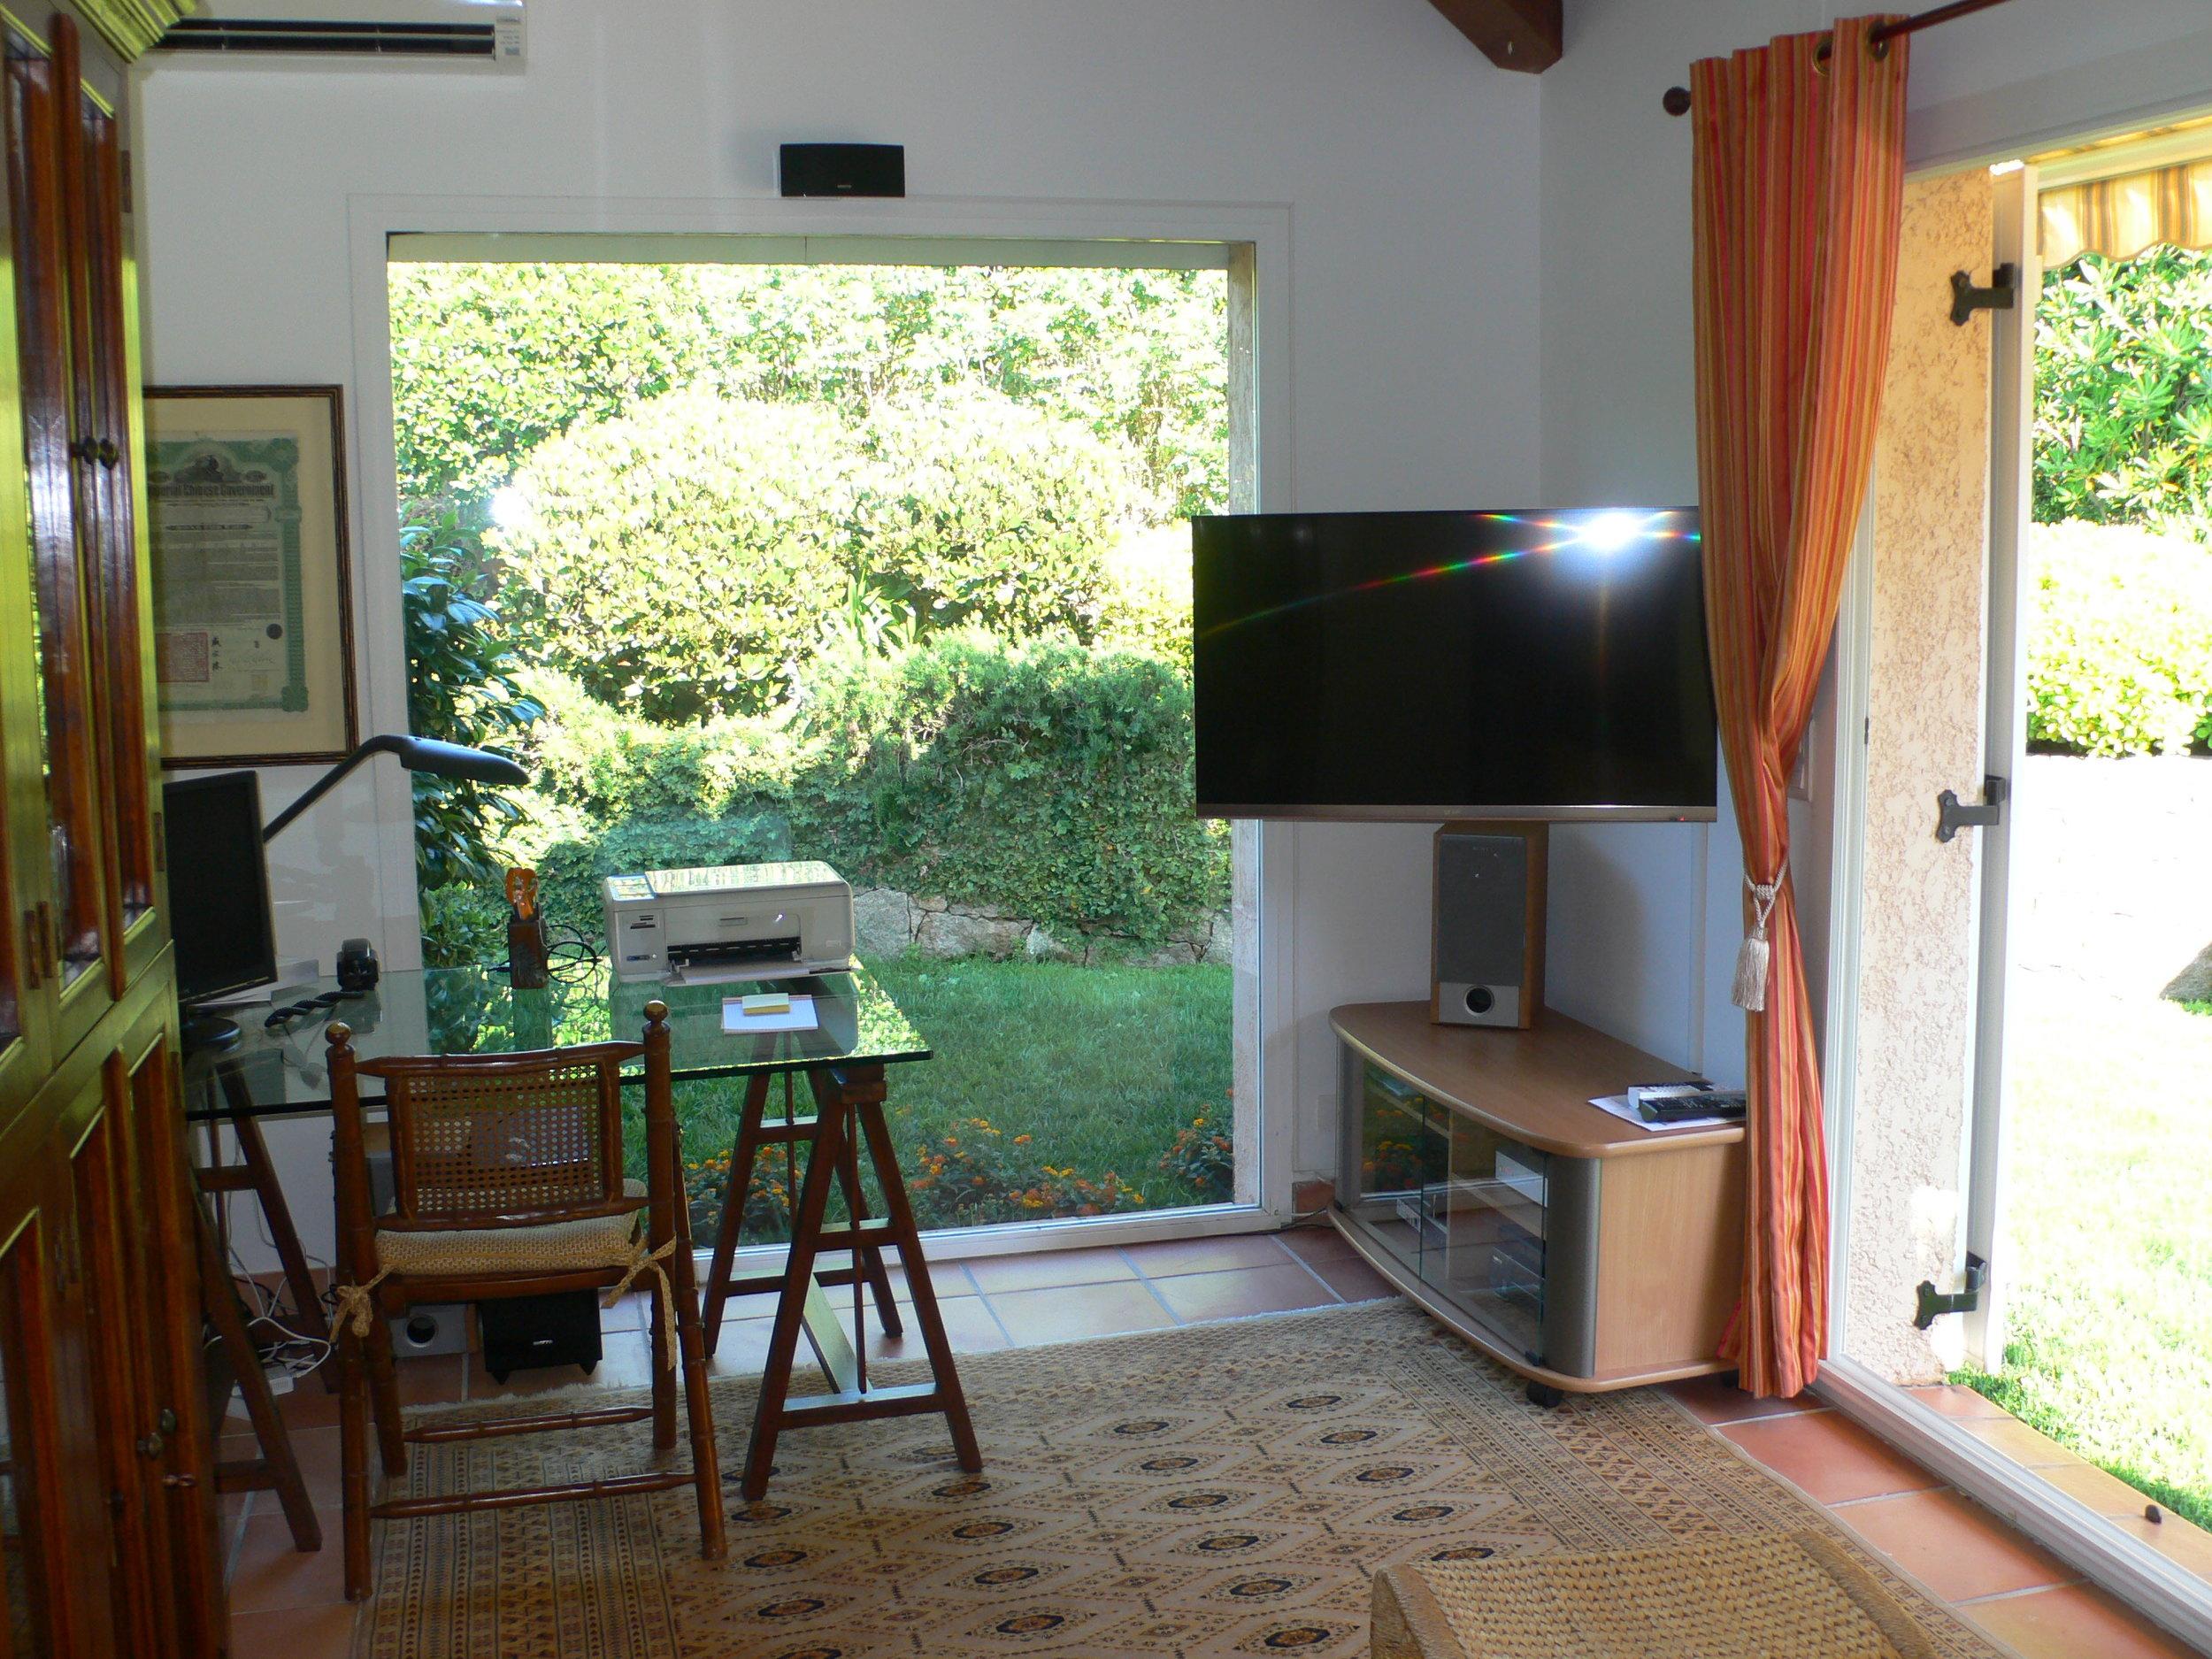 Bureau salon TV